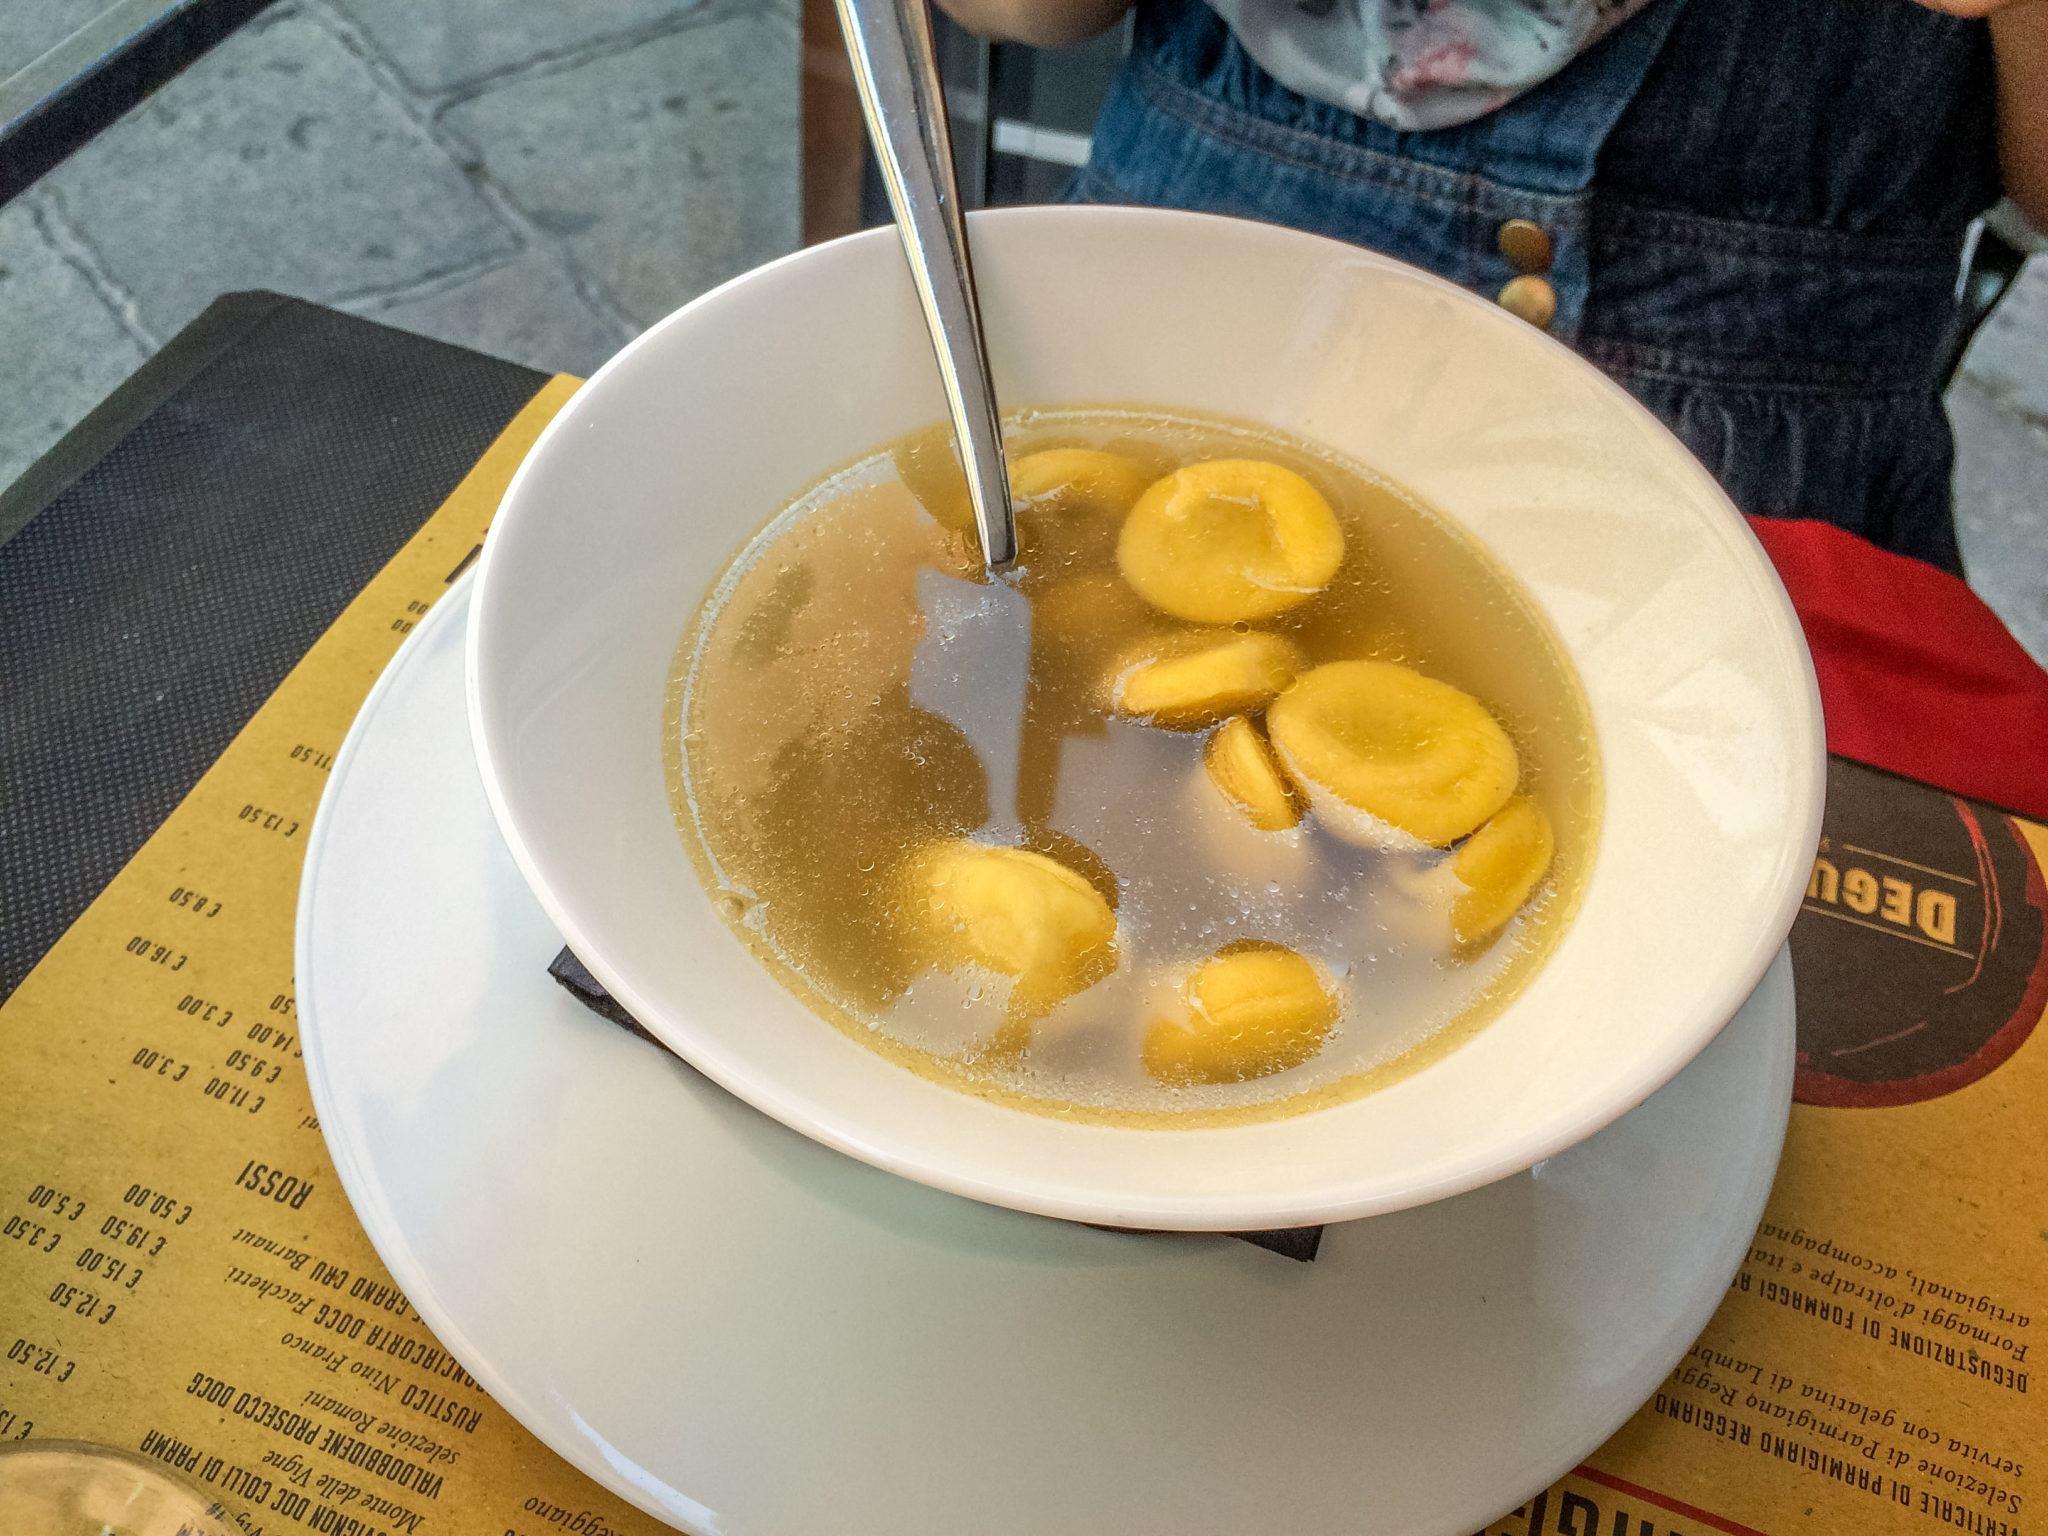 Anolini in brodo, pasta floating in broth